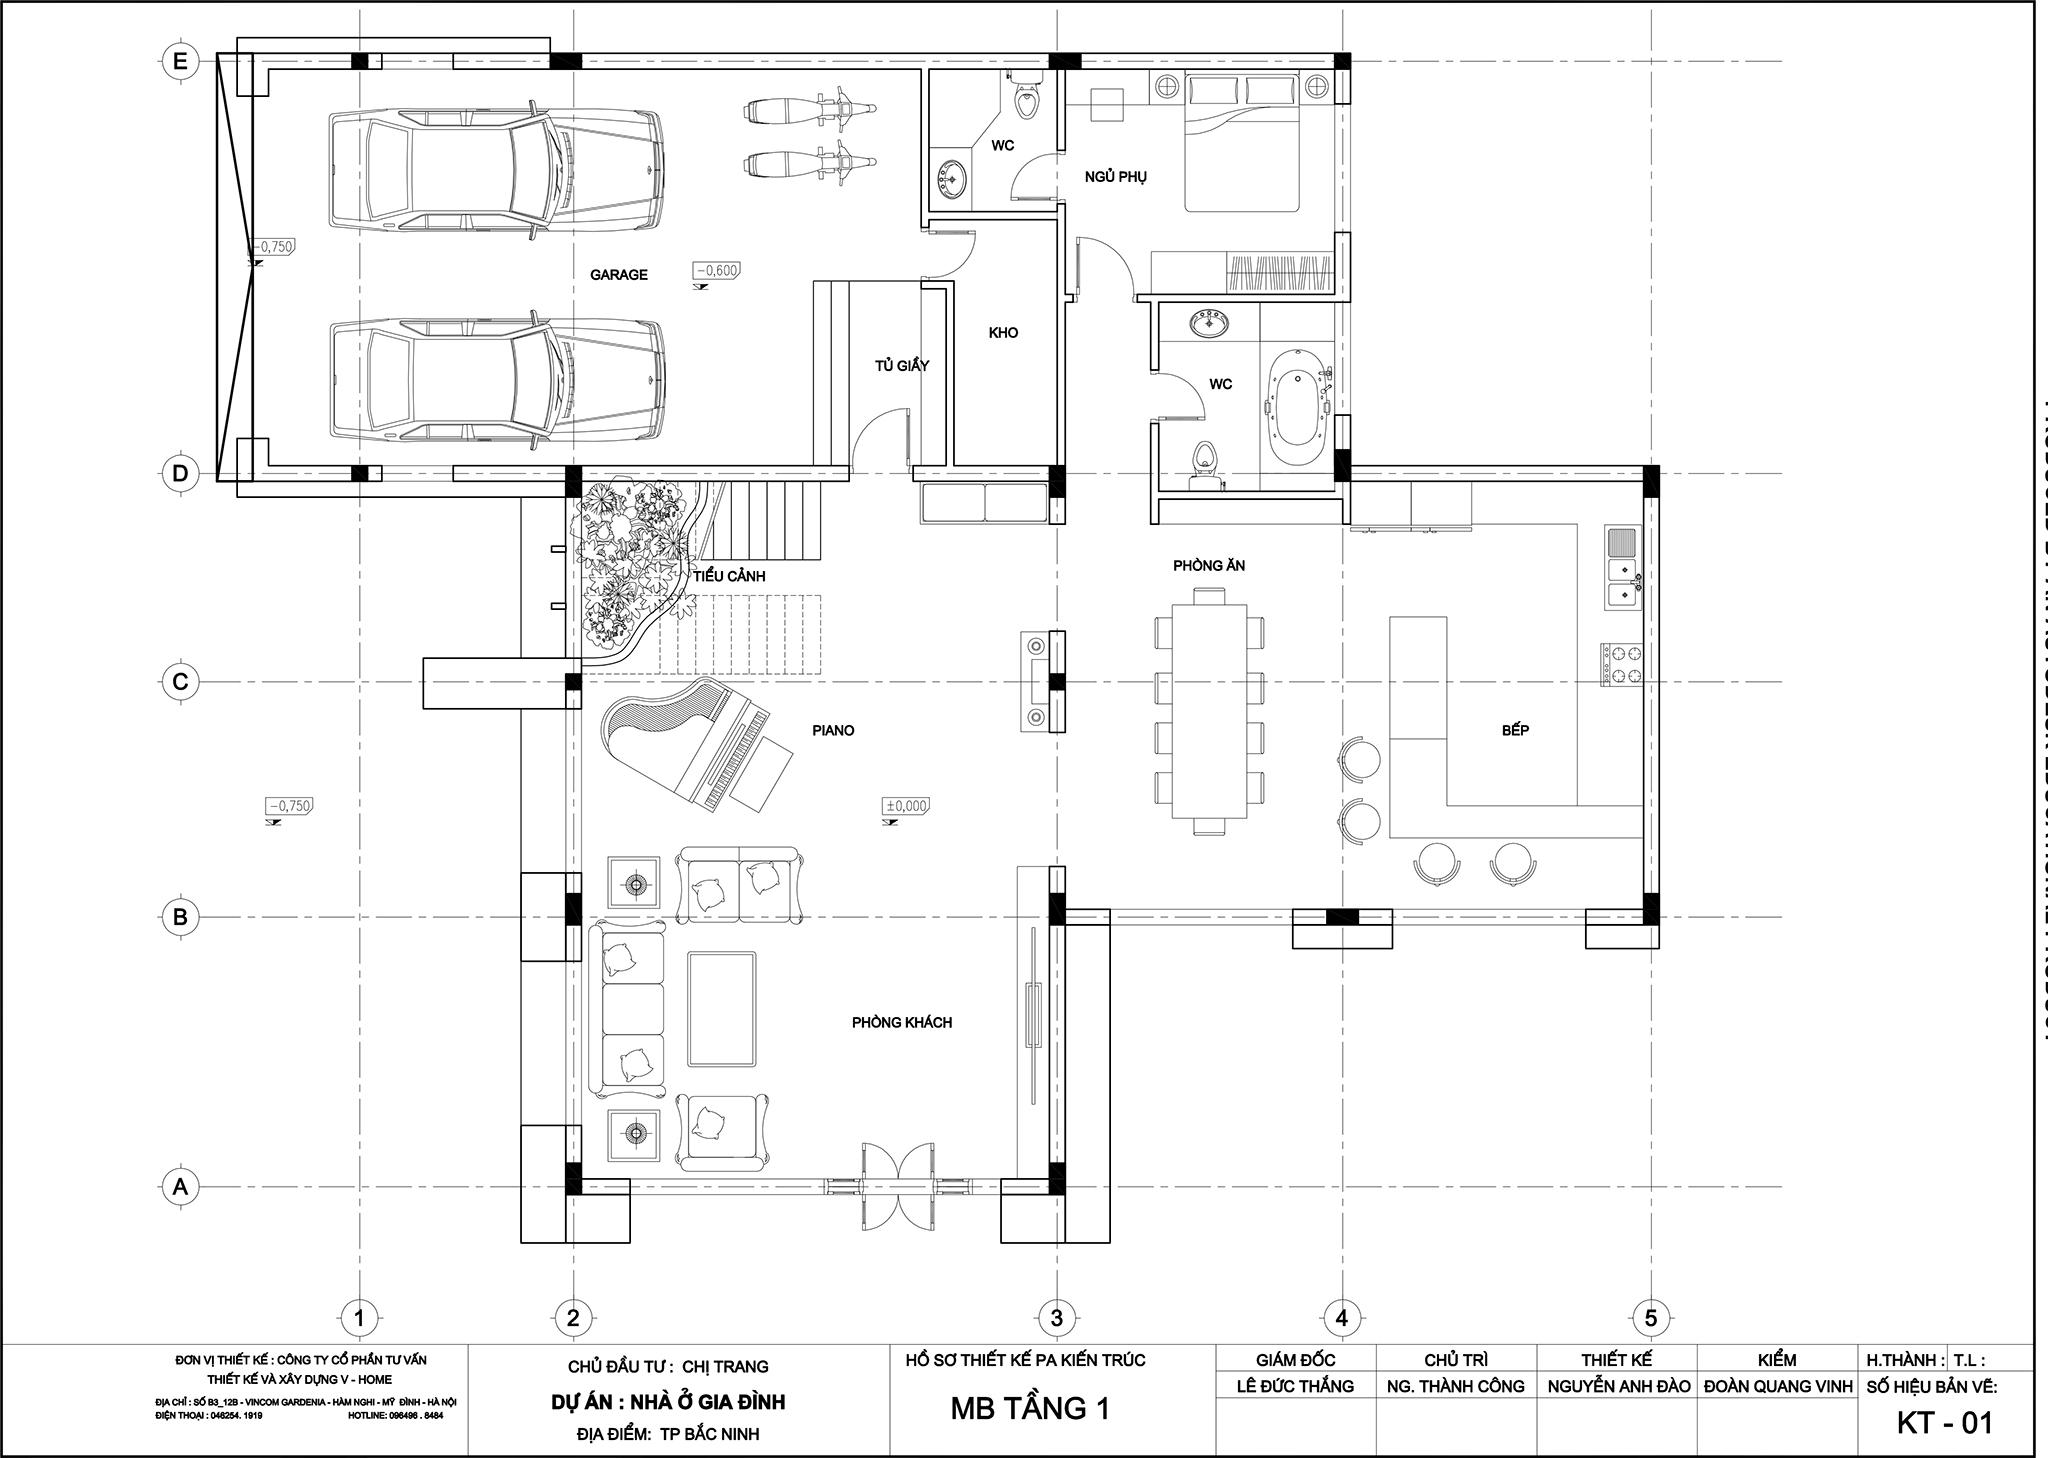 thiet-ke-biet-thu-hien-dai-4-1 Thiết kế Biệt thự hiện đại tại Vĩnh Phúc - C. Huyền